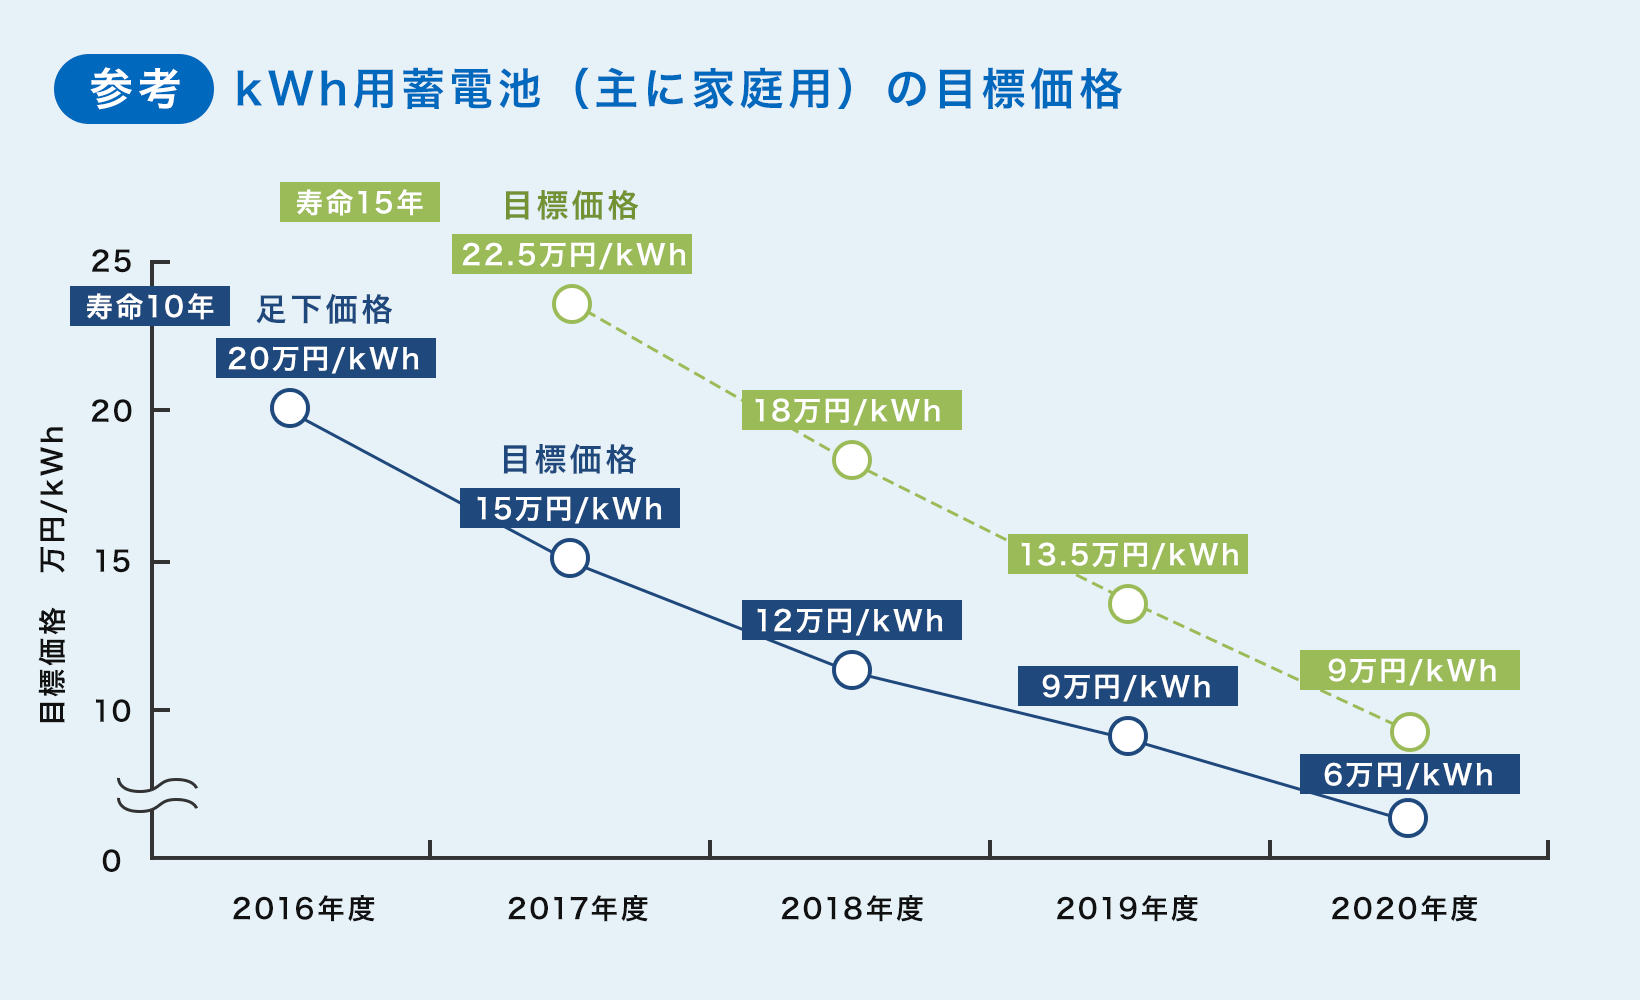 参考 kWh用蓄電池(主に家庭用)の目標価格